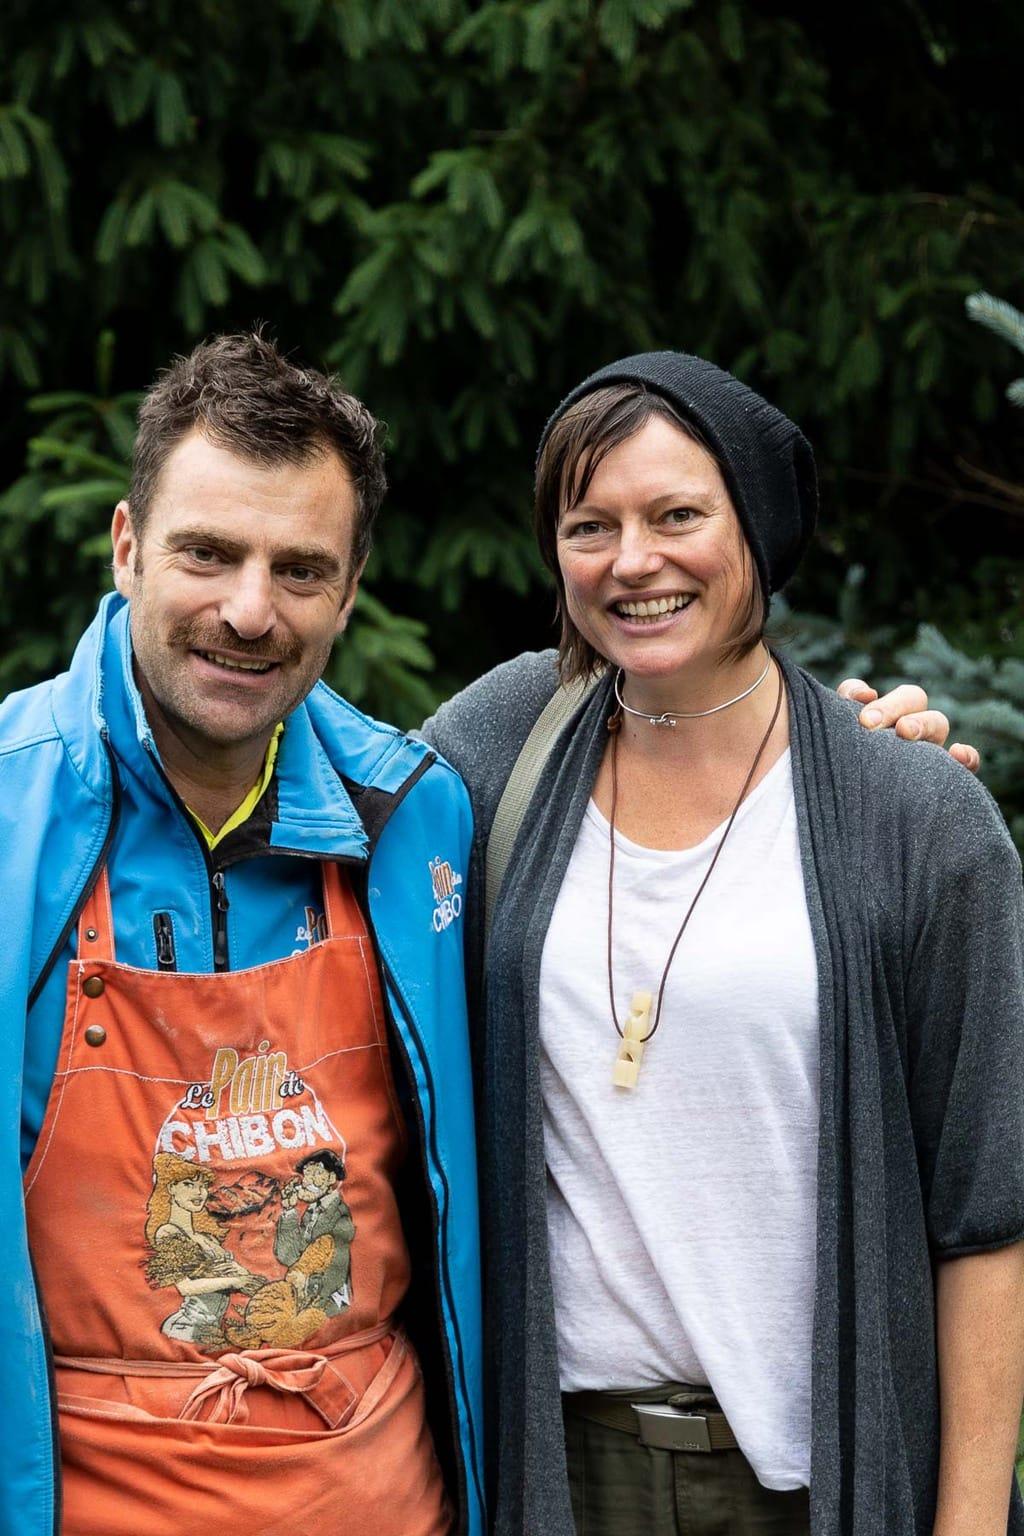 Vertical photo of Emma and Gérard Berrux, the bread maker at Le Pain de Chibon.